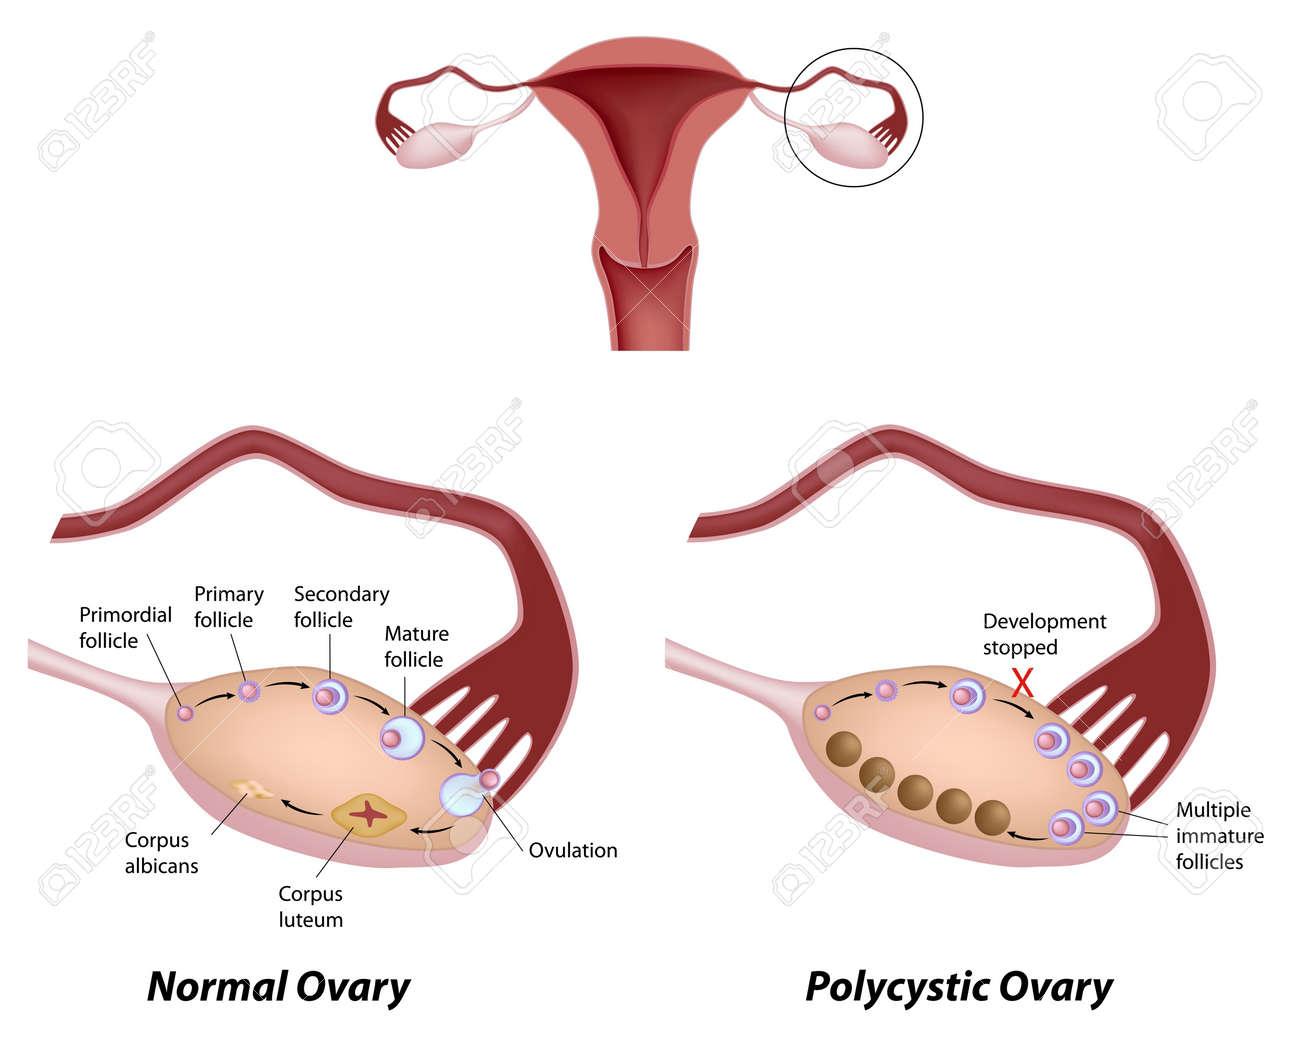 通常の卵巣と多嚢胞性卵巣症候群...